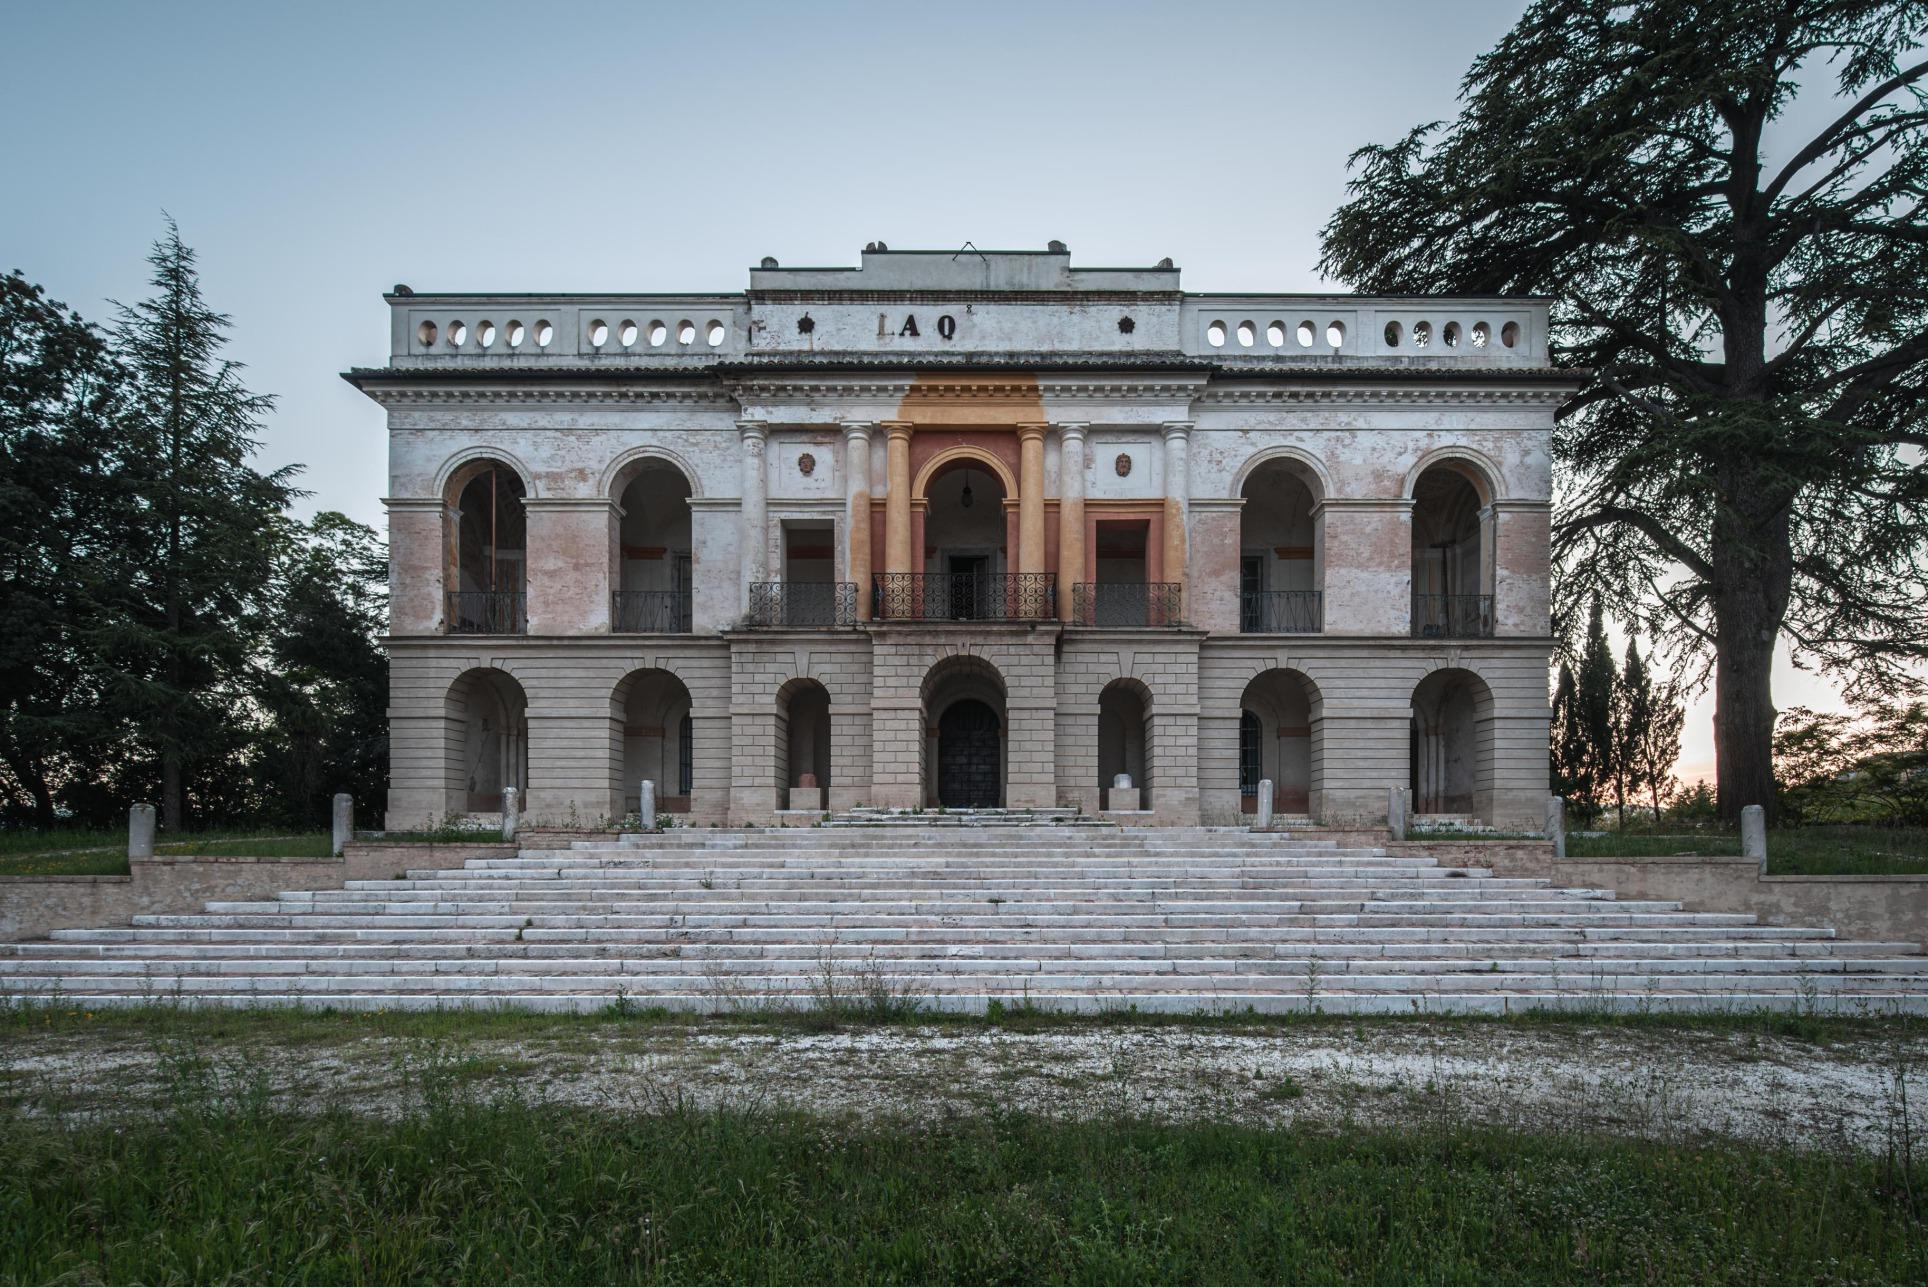 Villa la Q